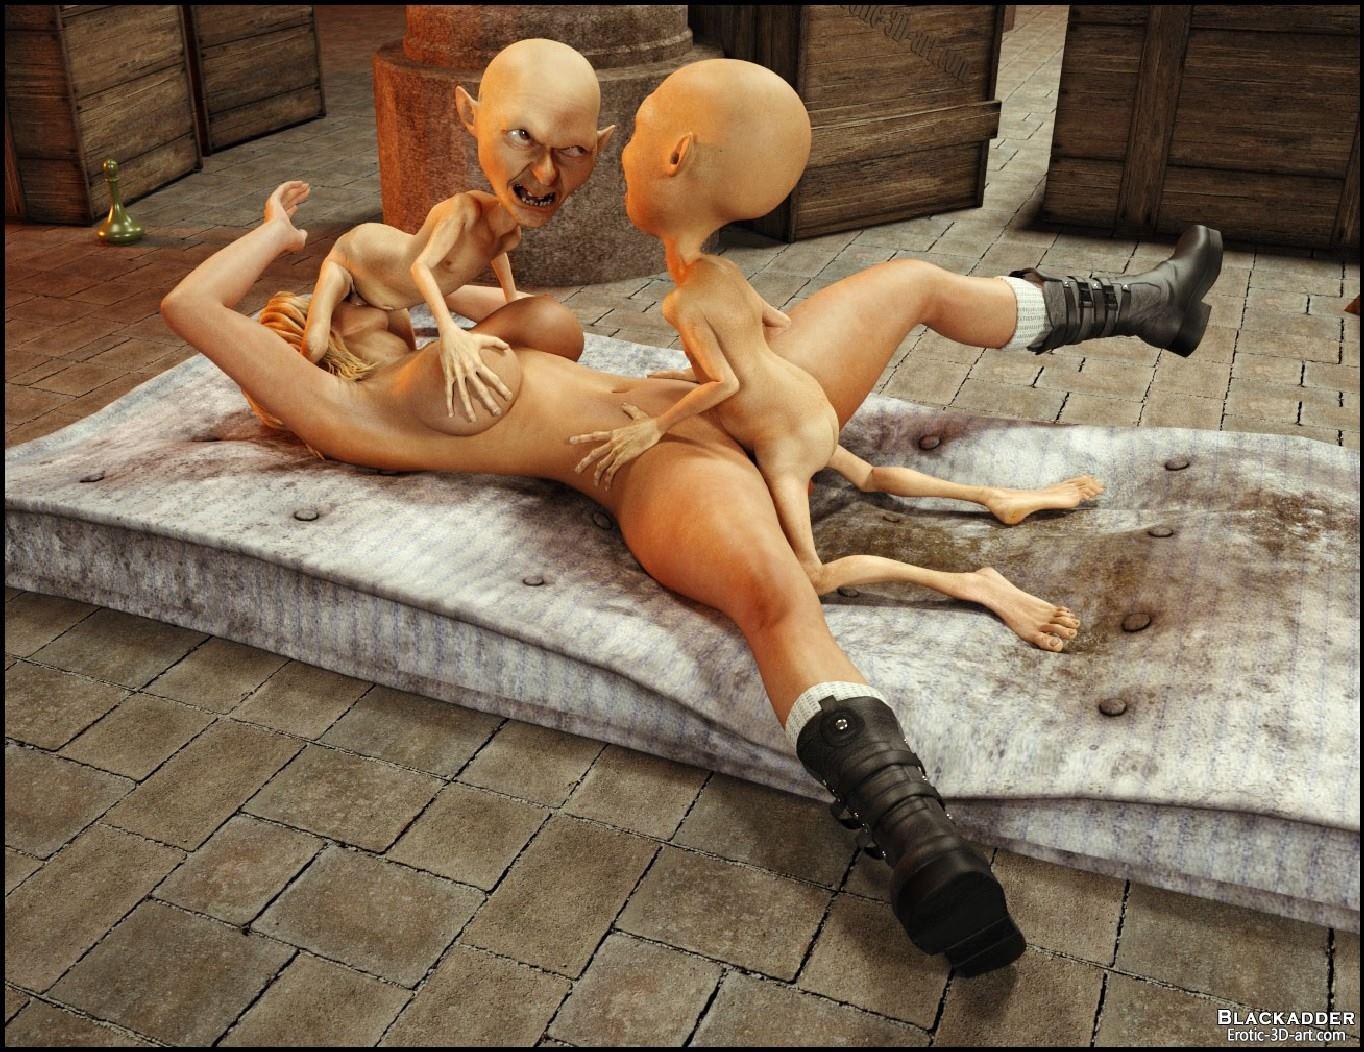 Сексуальные мультики 3d, Мультики порно, смотреть секс Мультфильмы 11 фотография